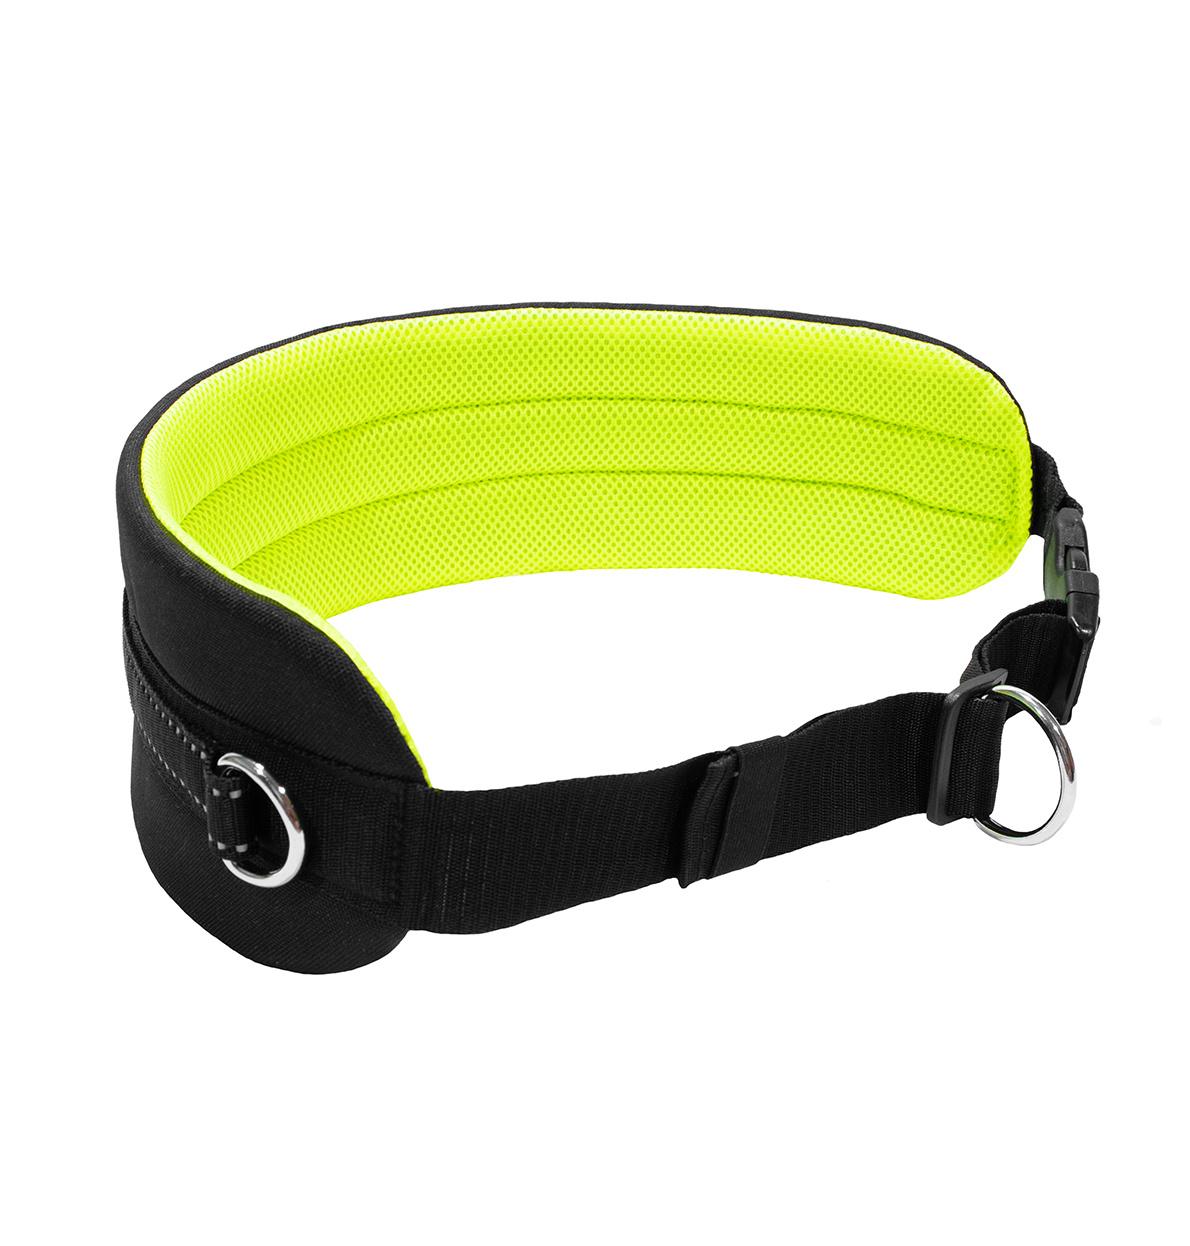 LasaLine LasaLine Canicross Gürtel für Jogging Dogtrekking Laufen Ski-Jöring  mit Reflektoren in Schwarz Neongelb